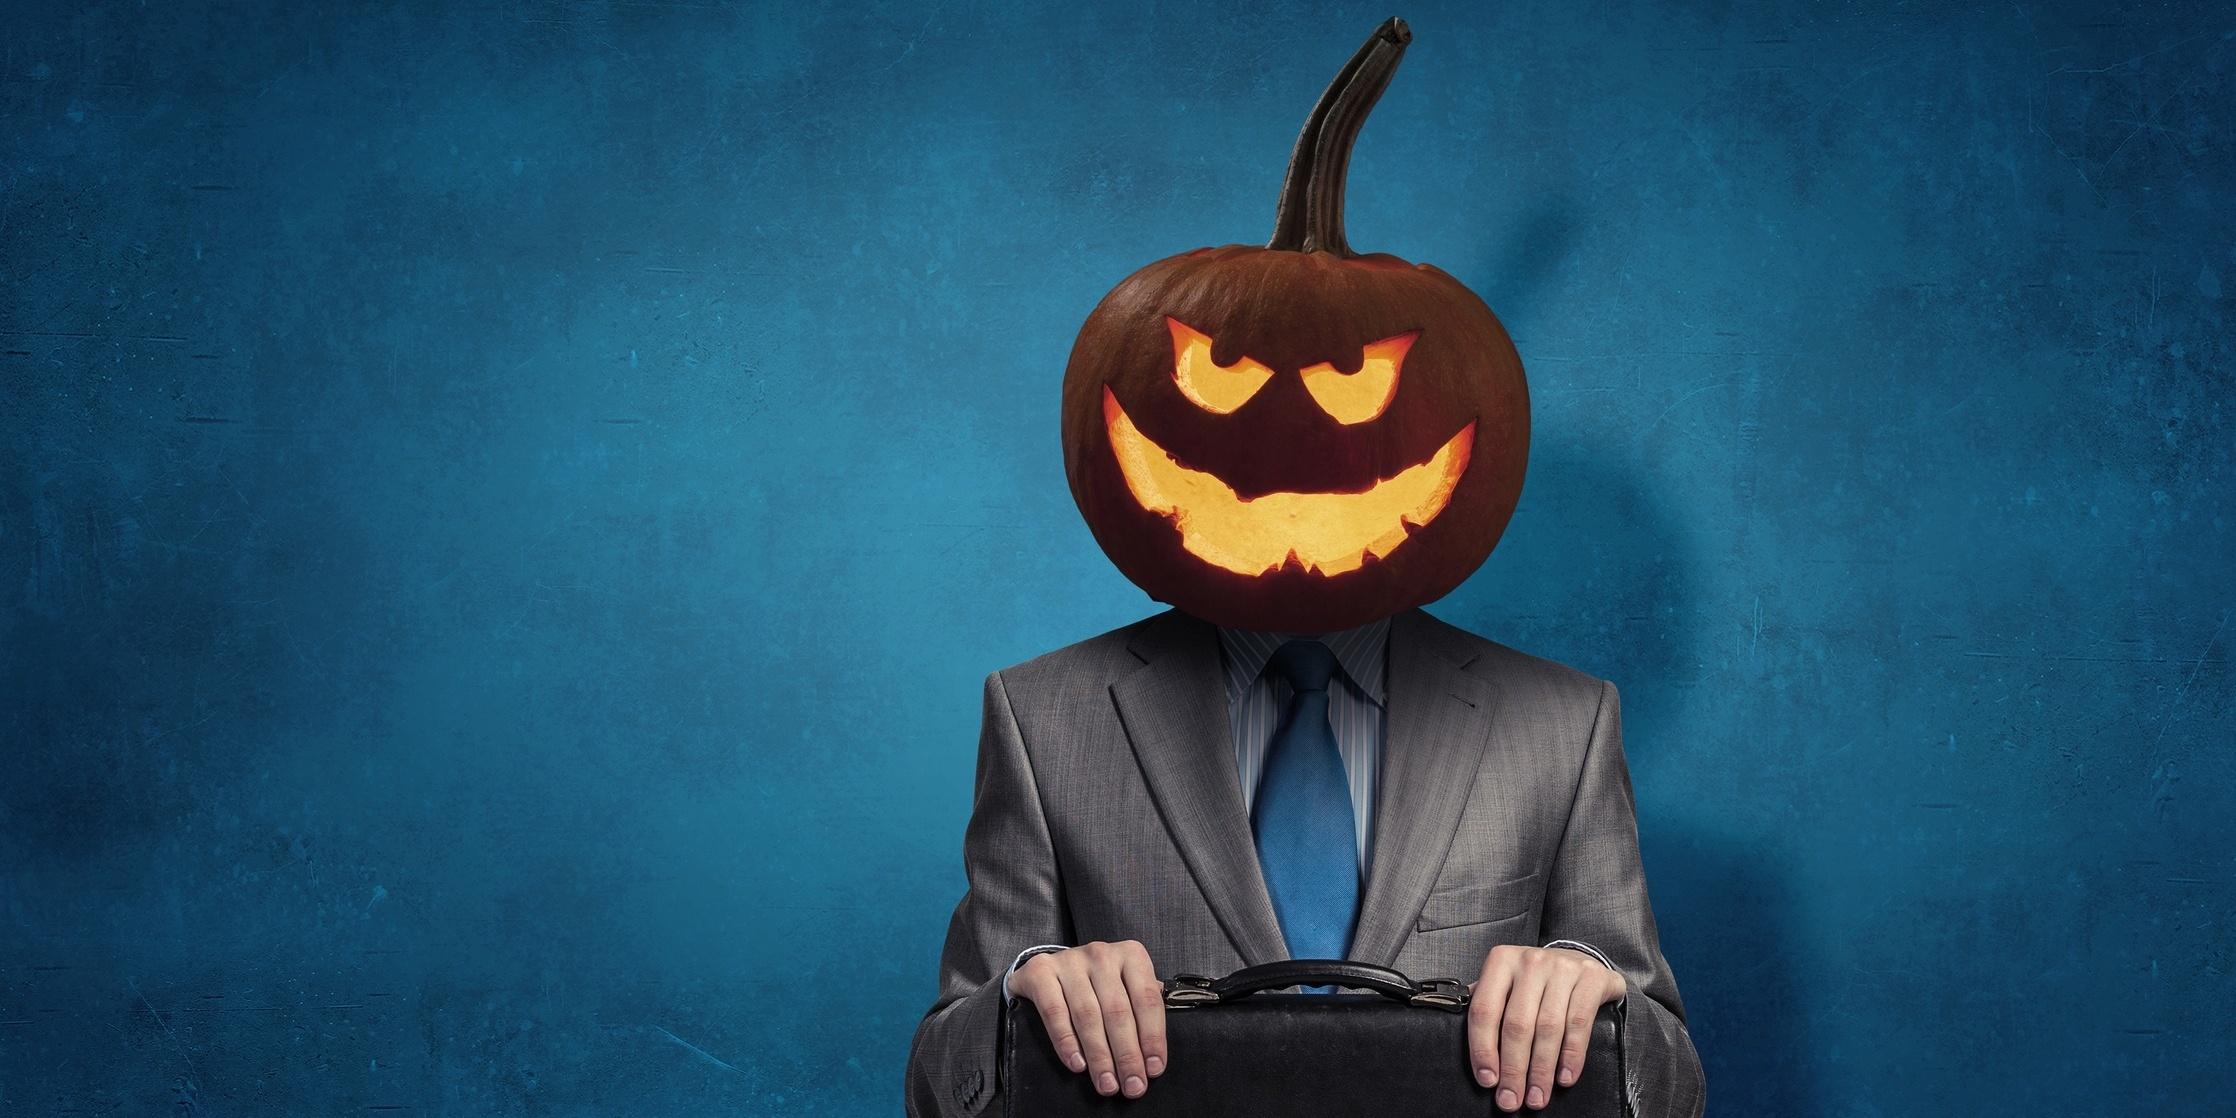 spooky things sales teams should avoid